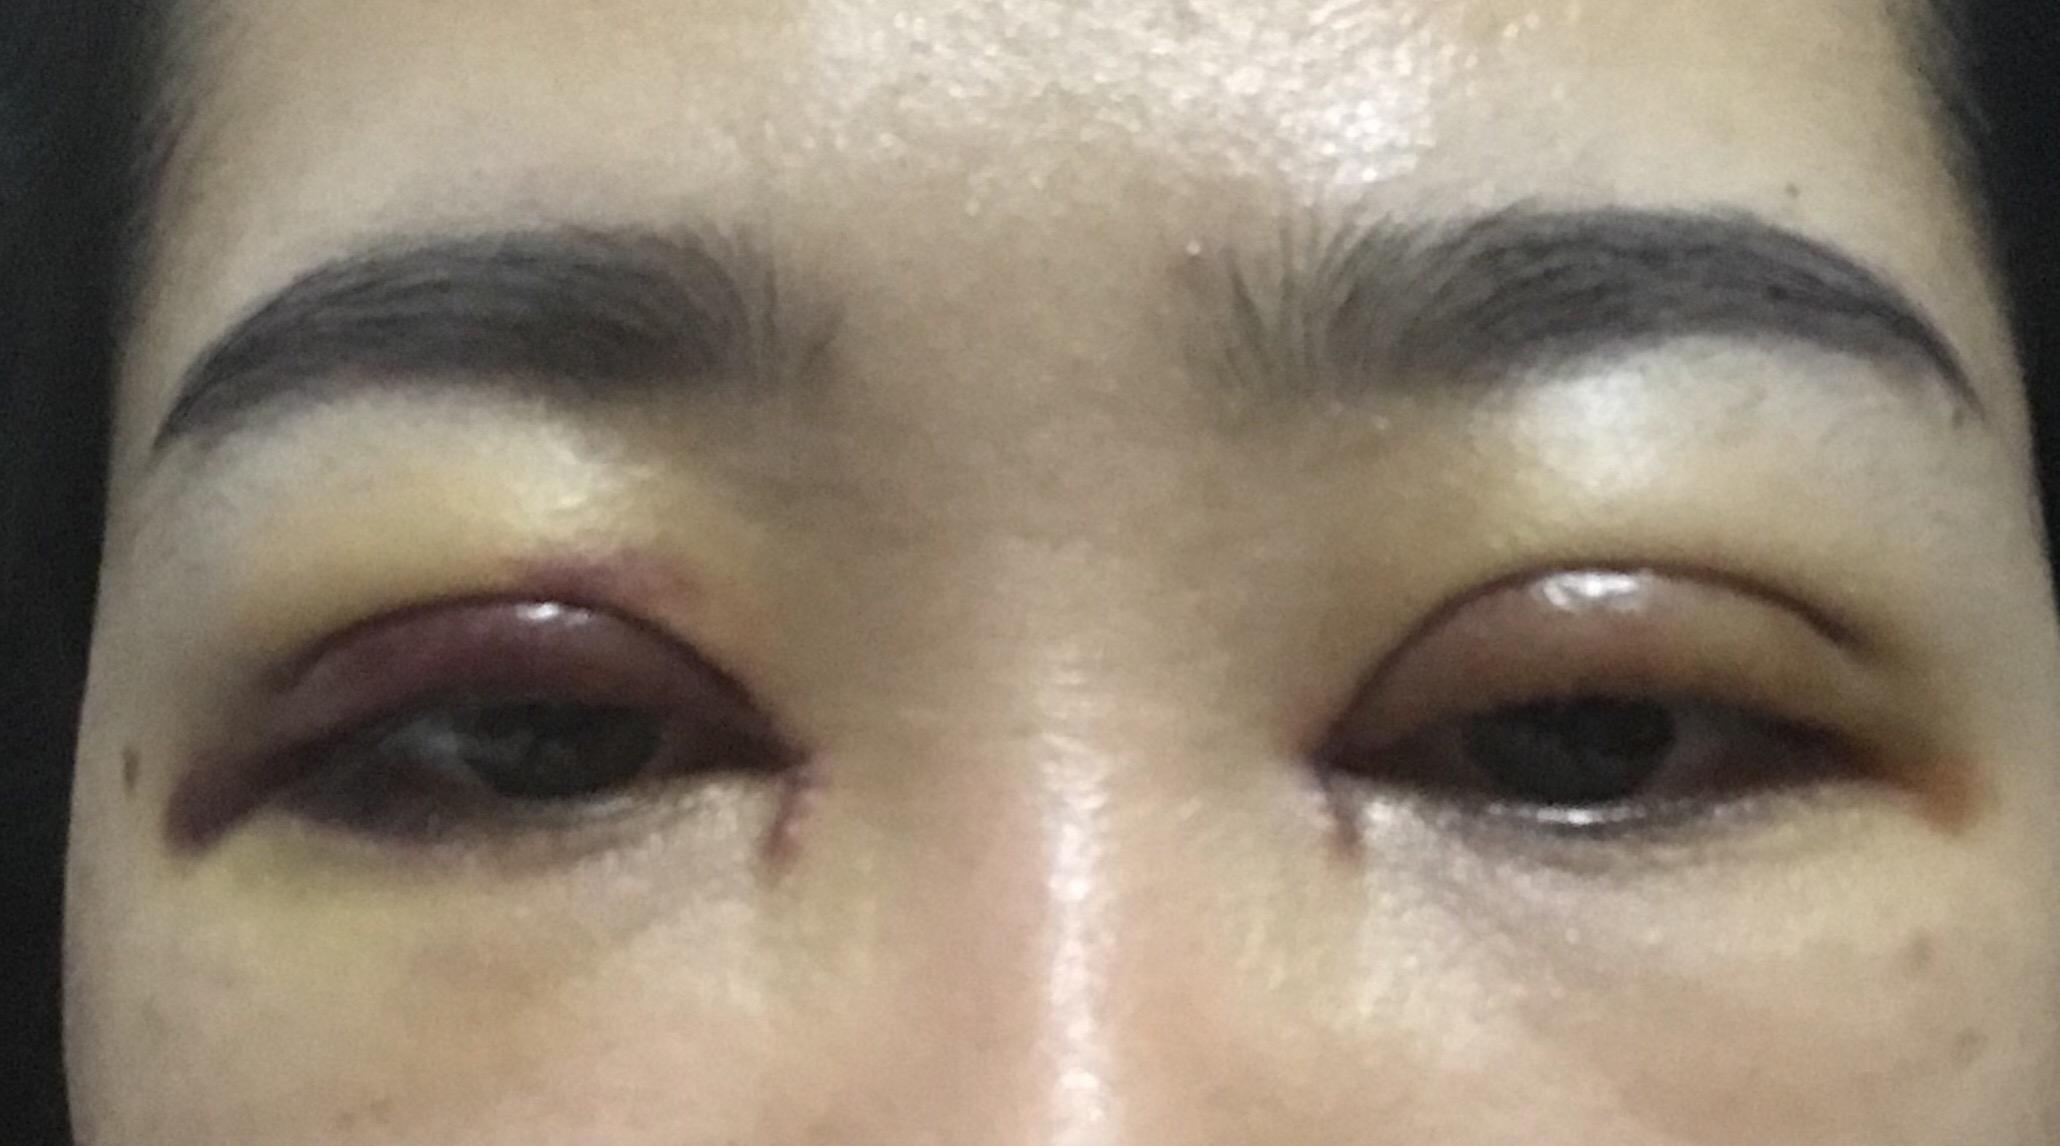 Khung xương mắt lệch